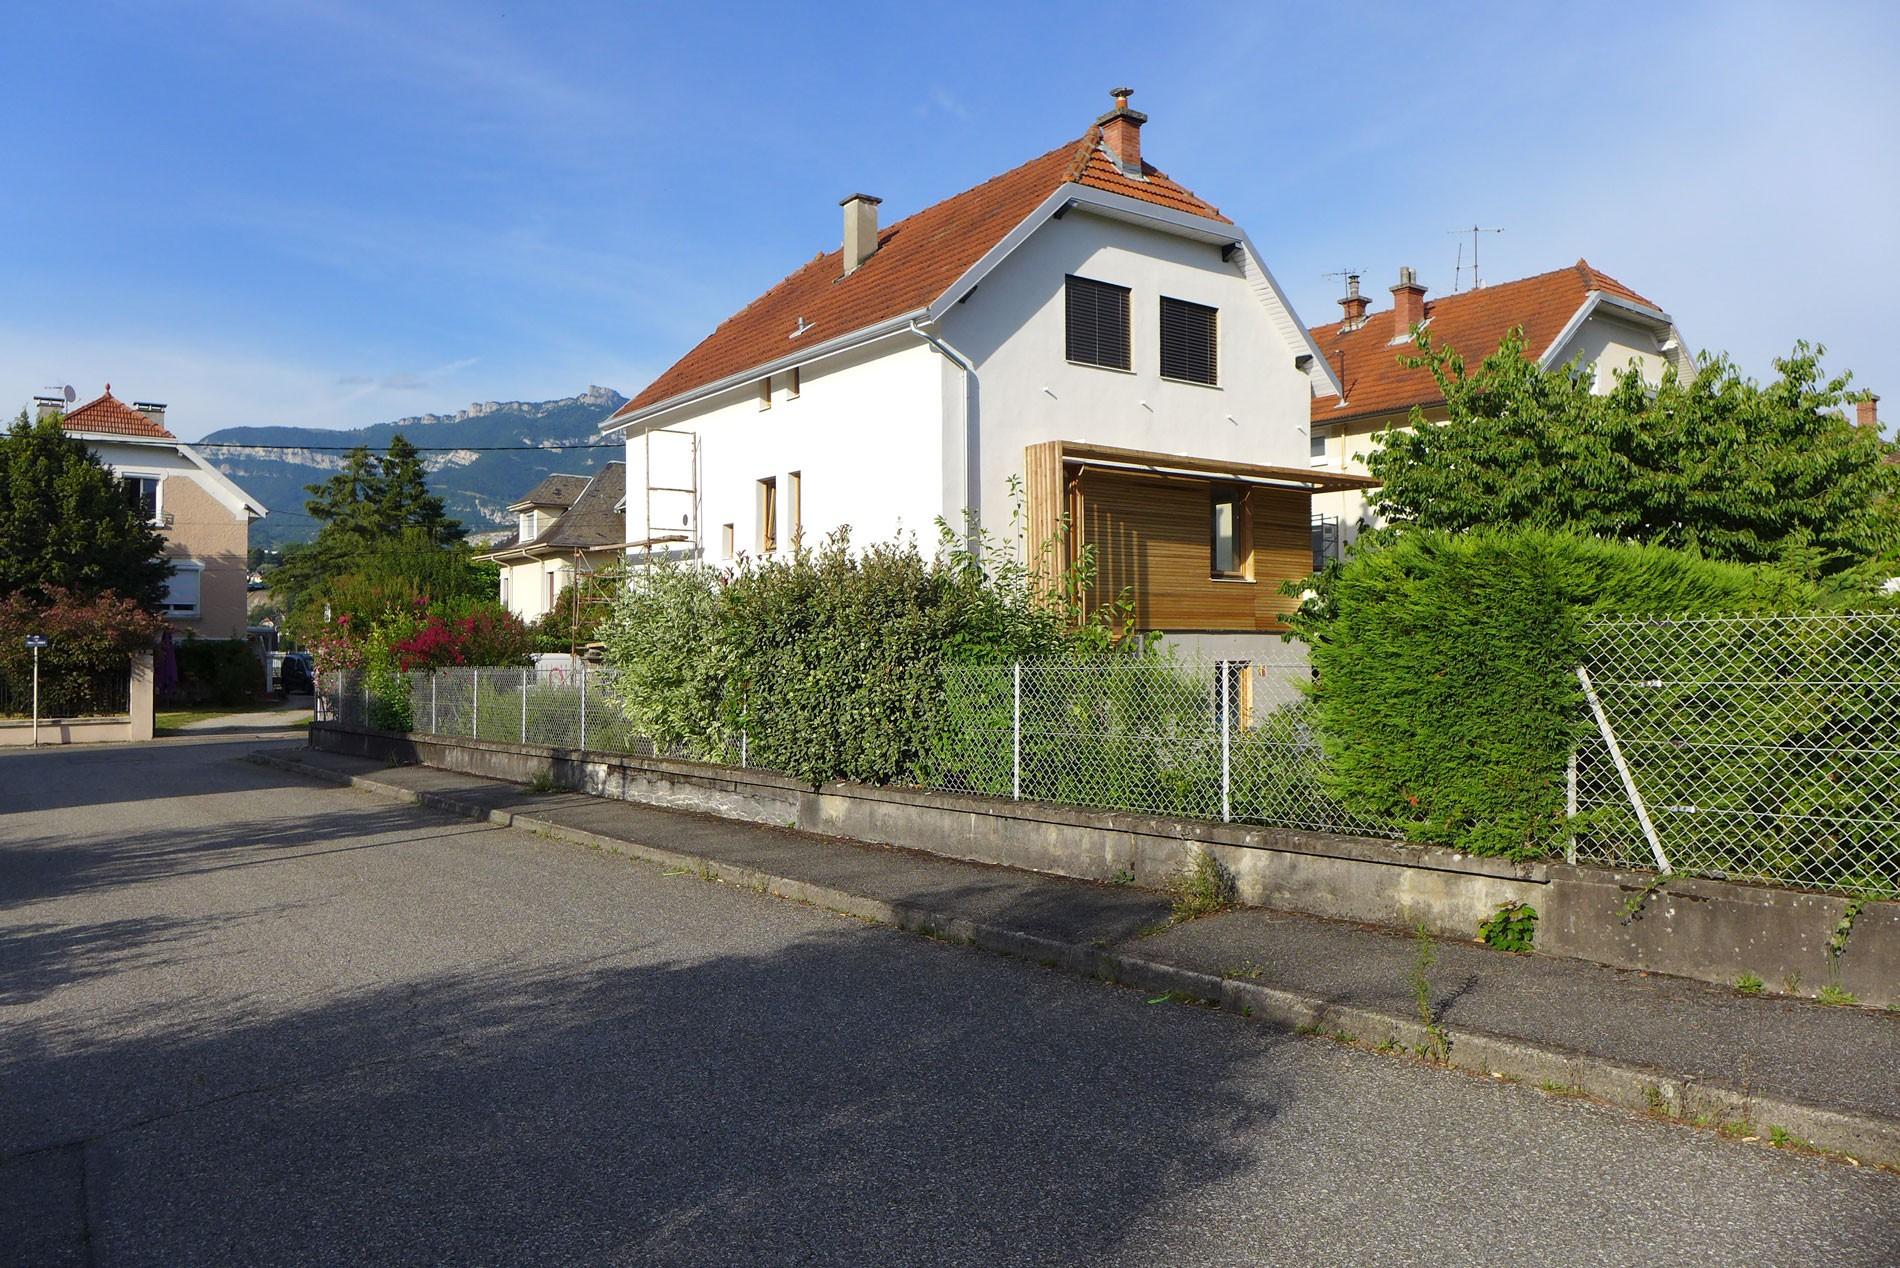 asb-architecture-savoie-chambery-renovation-maison-de-ville-bois-enduit-10